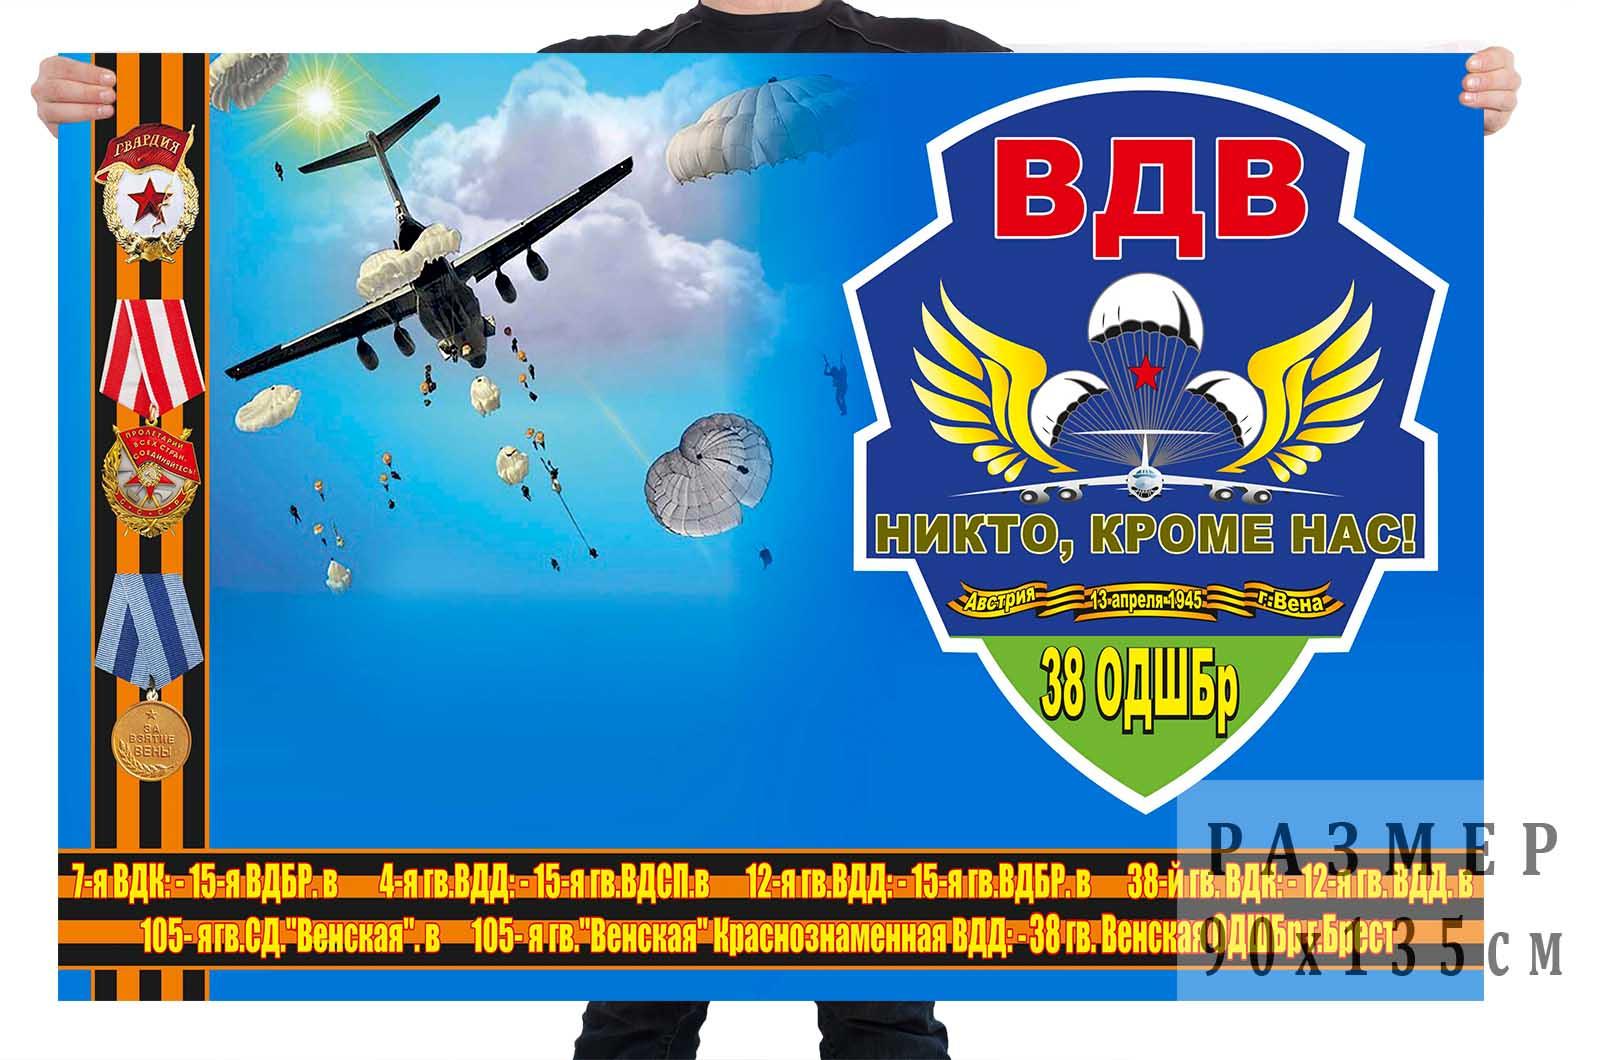 Флаг 38 отдельной десантно-штурмовой бригады ко дню ВДВ